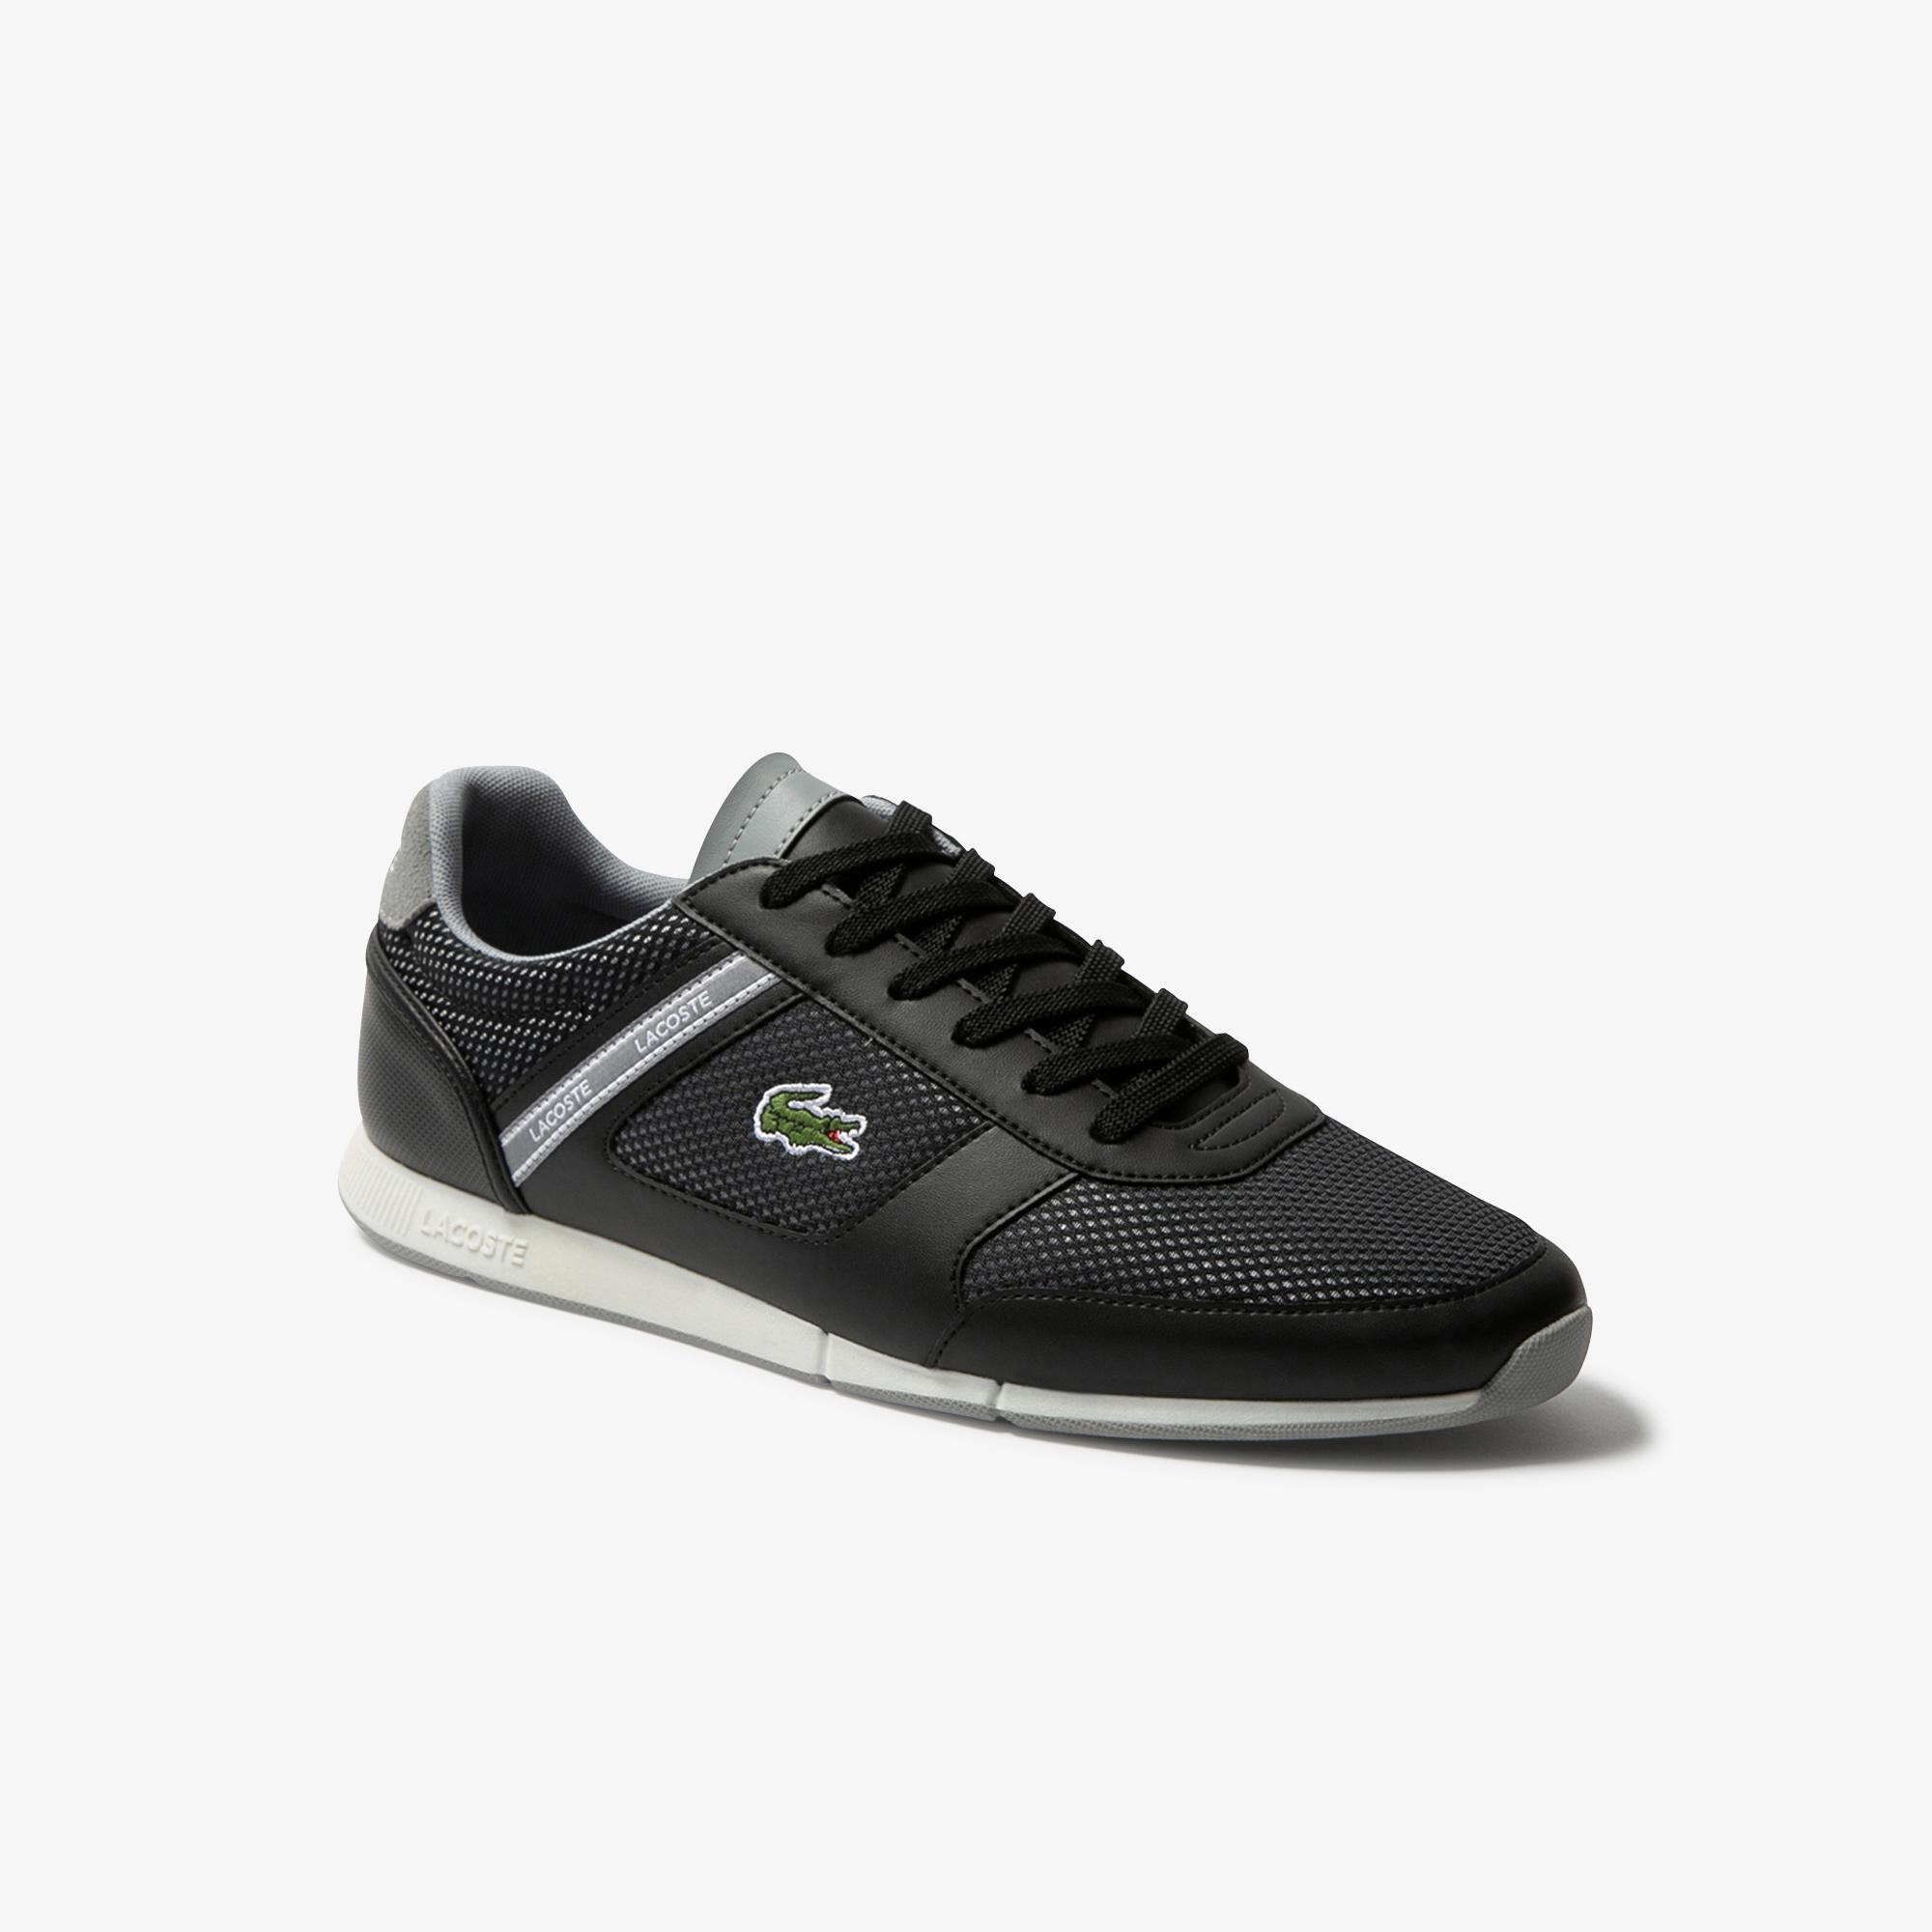 Lacoste Menerva Sport 120 1 Cma Erkek Siyah - Gri Ayakkabı